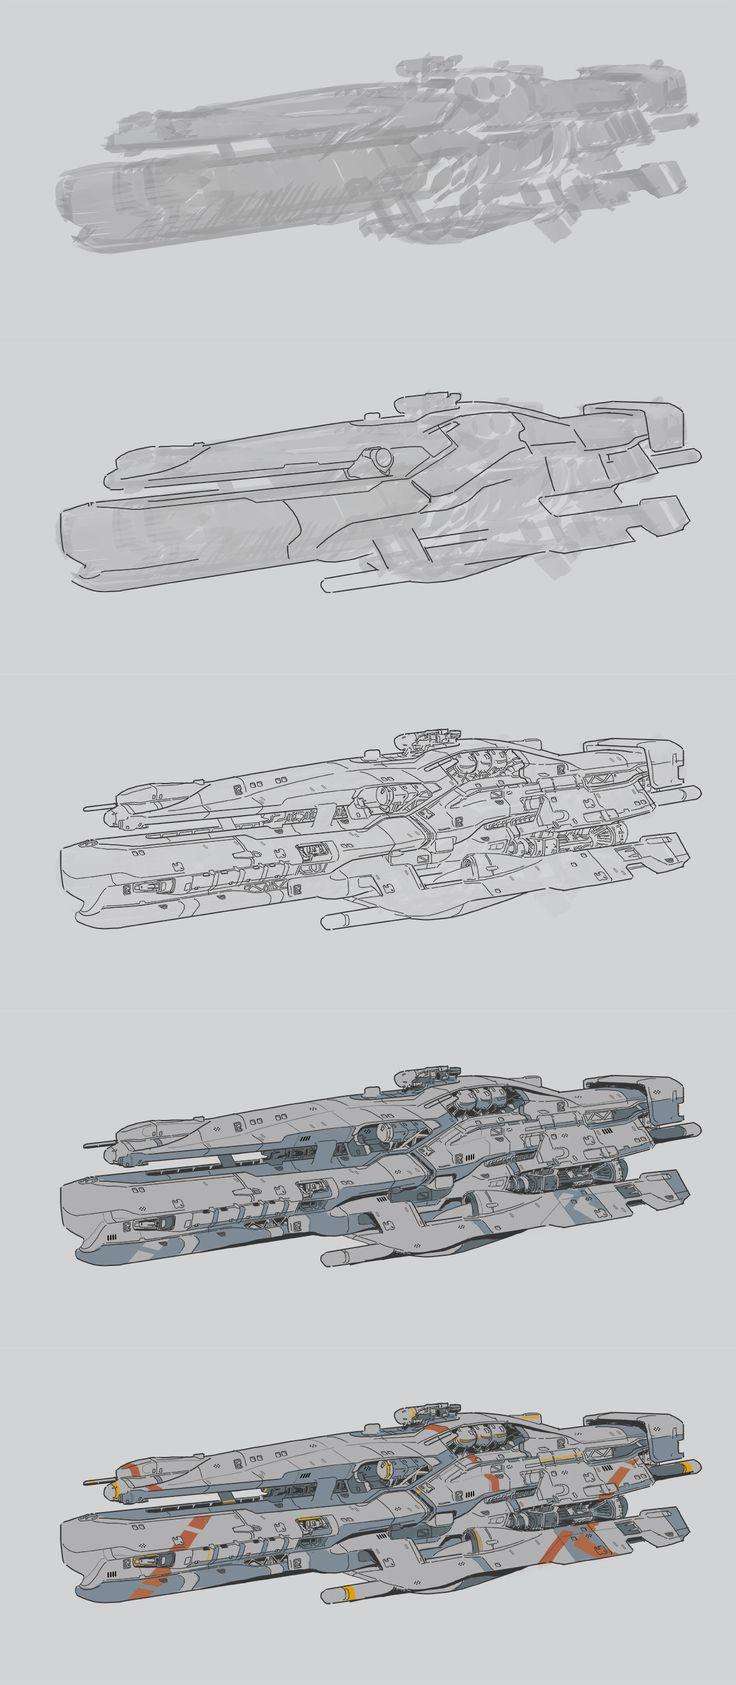 ArtStation - ship sketch, Yi Yang